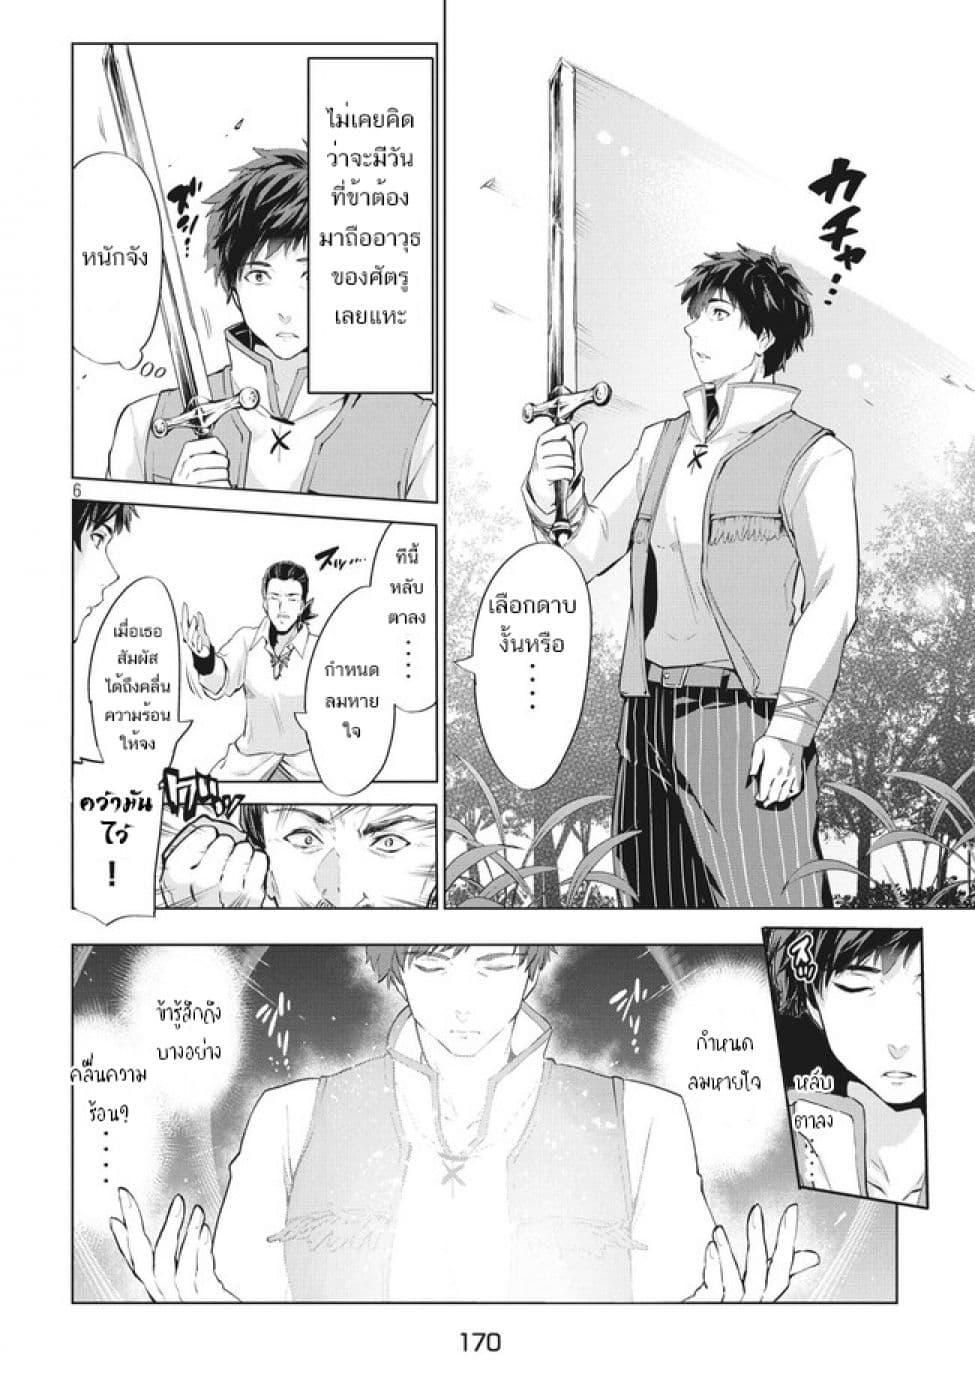 อ่านการ์ตูน Kaiko sareta Ankoku Heishi (30-dai) no Slow na Second ตอนที่ 3 หน้าที่ 5